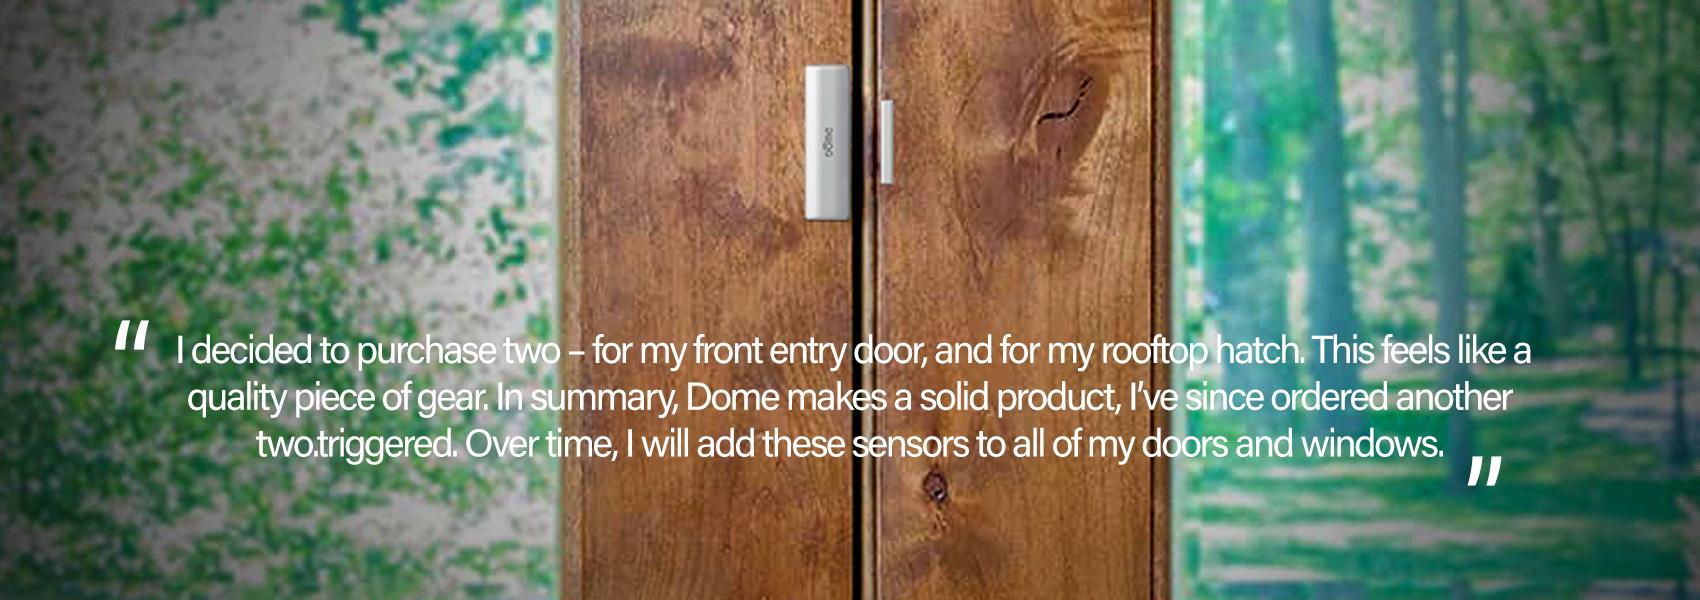 dome-door-window-sensor-pro.jpg